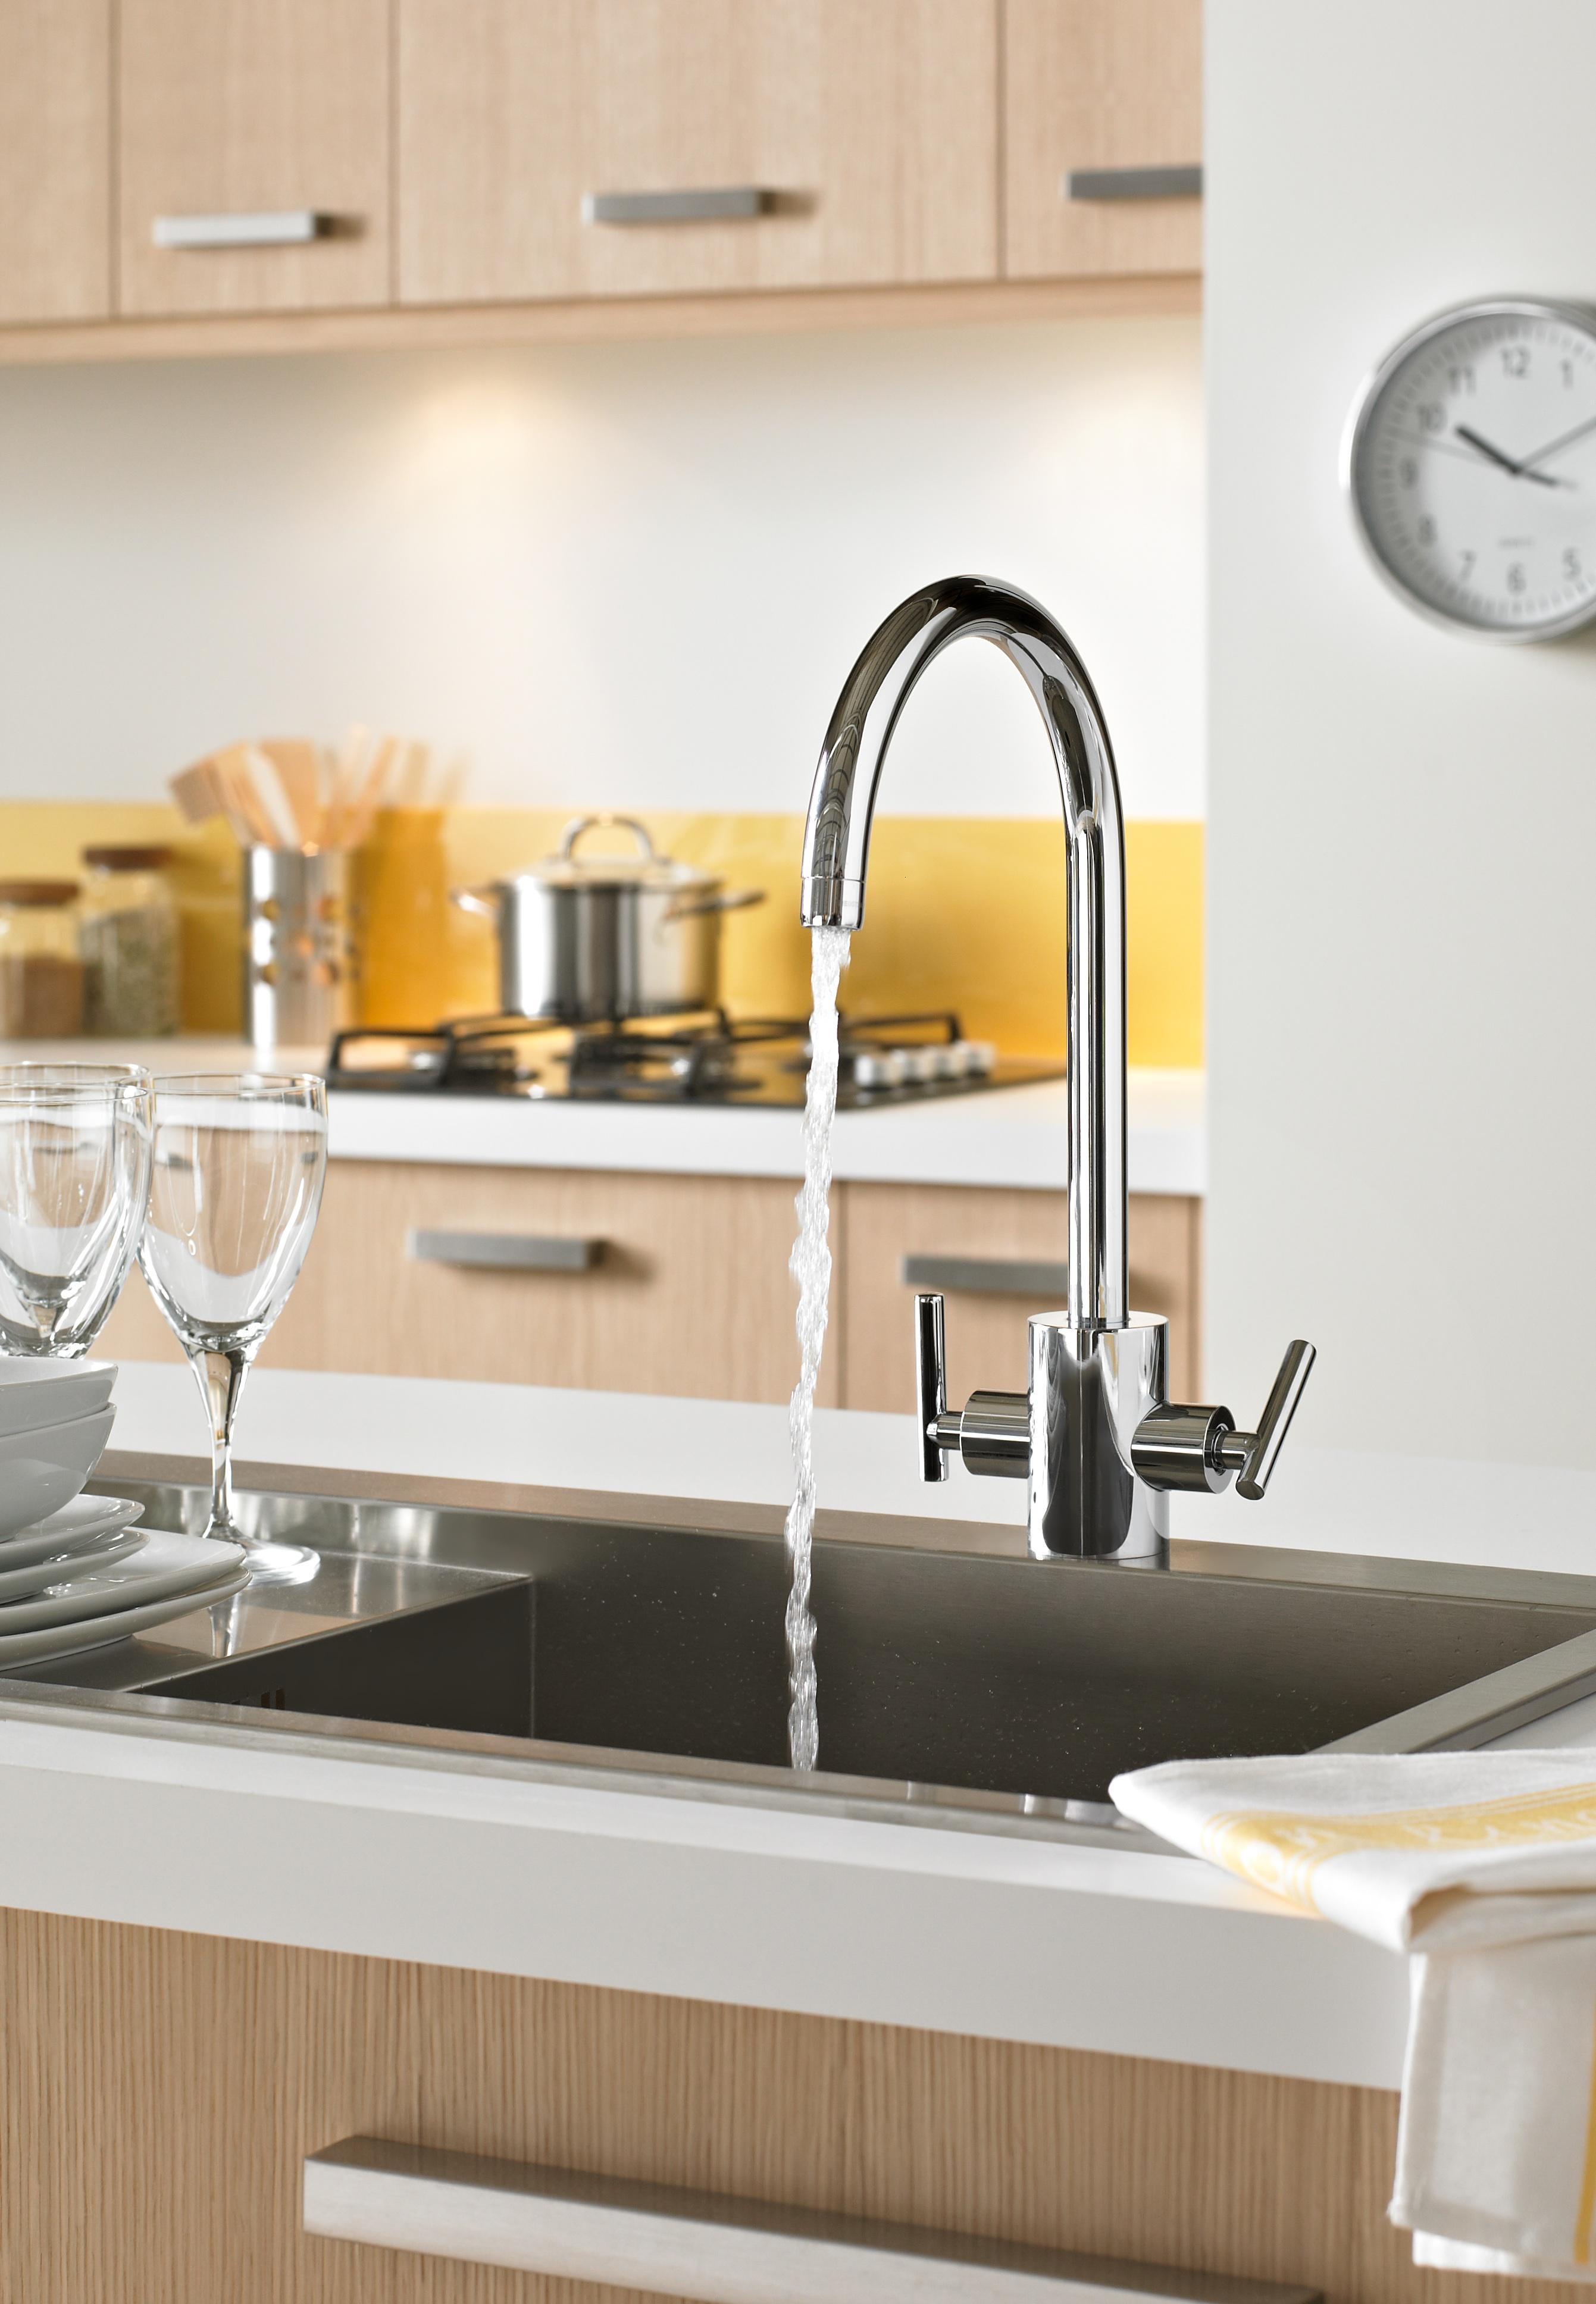 Bristan | Artisan | ARSNKPUREC | Sink Mixer | Lifestyle